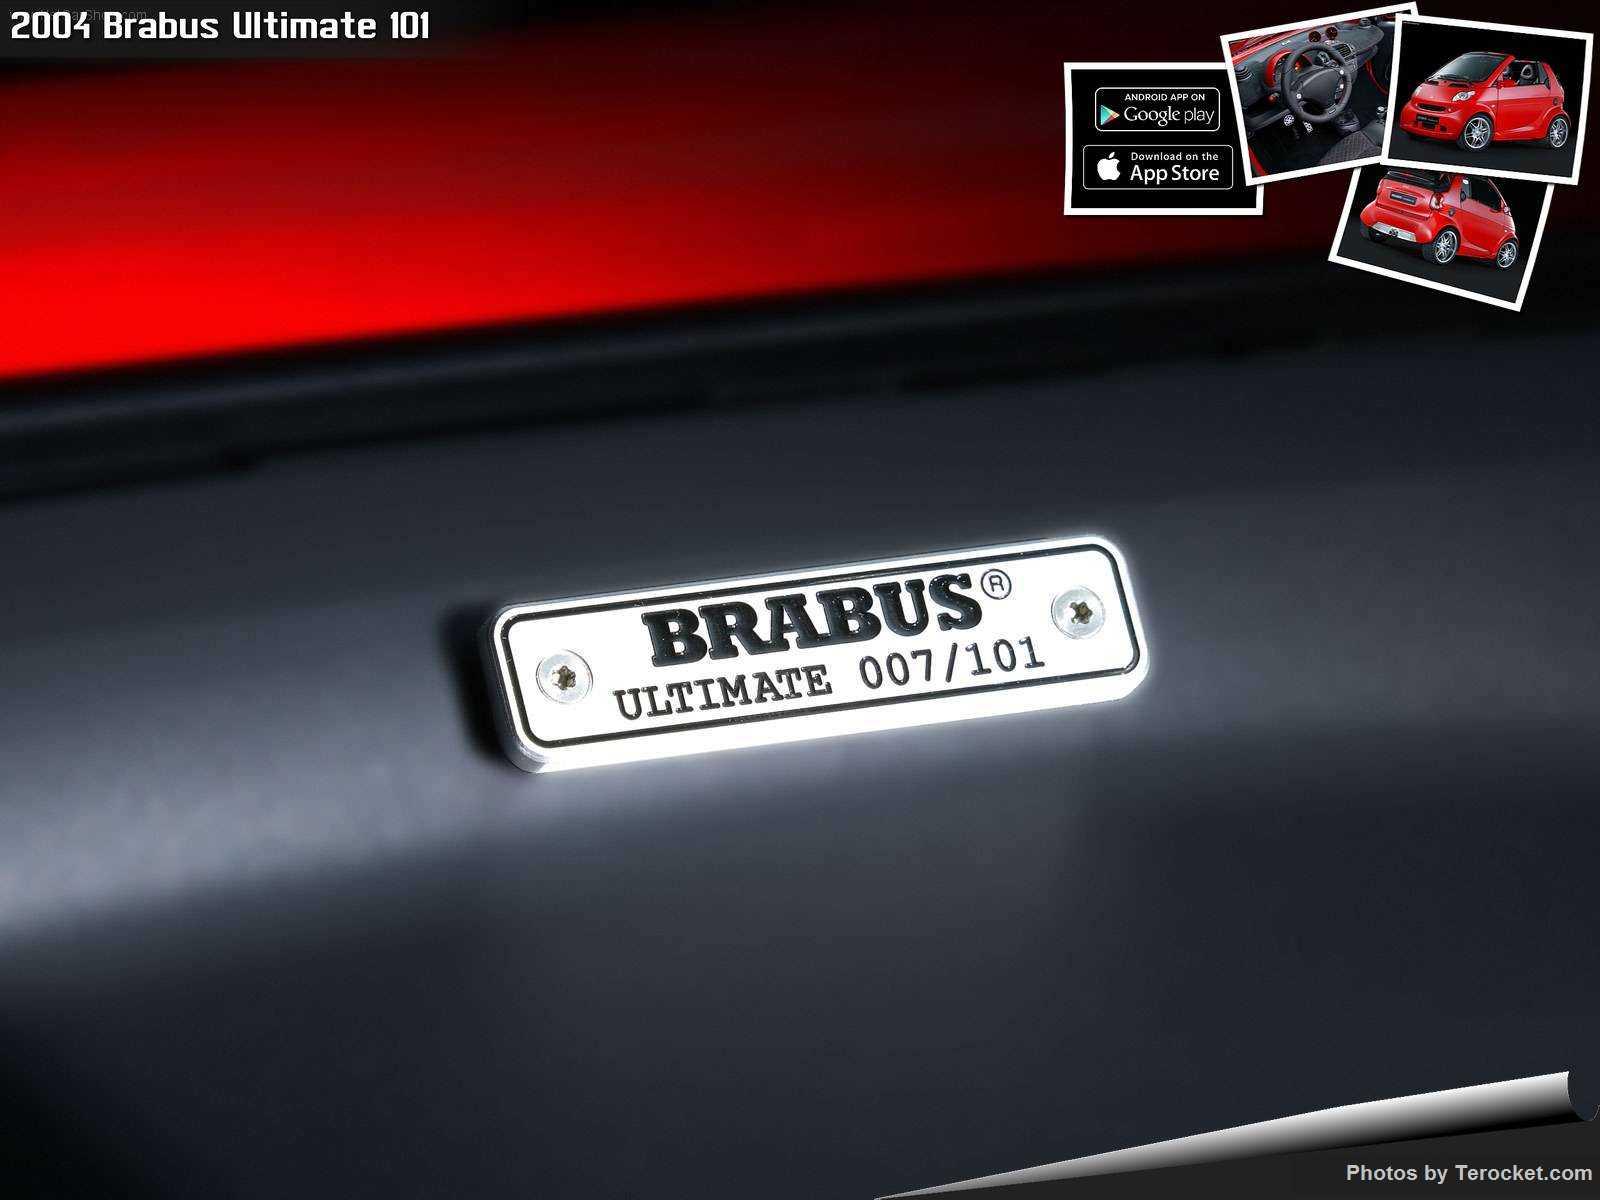 Hình ảnh xe ô tô Brabus Ultimate 101 2004 & nội ngoại thất